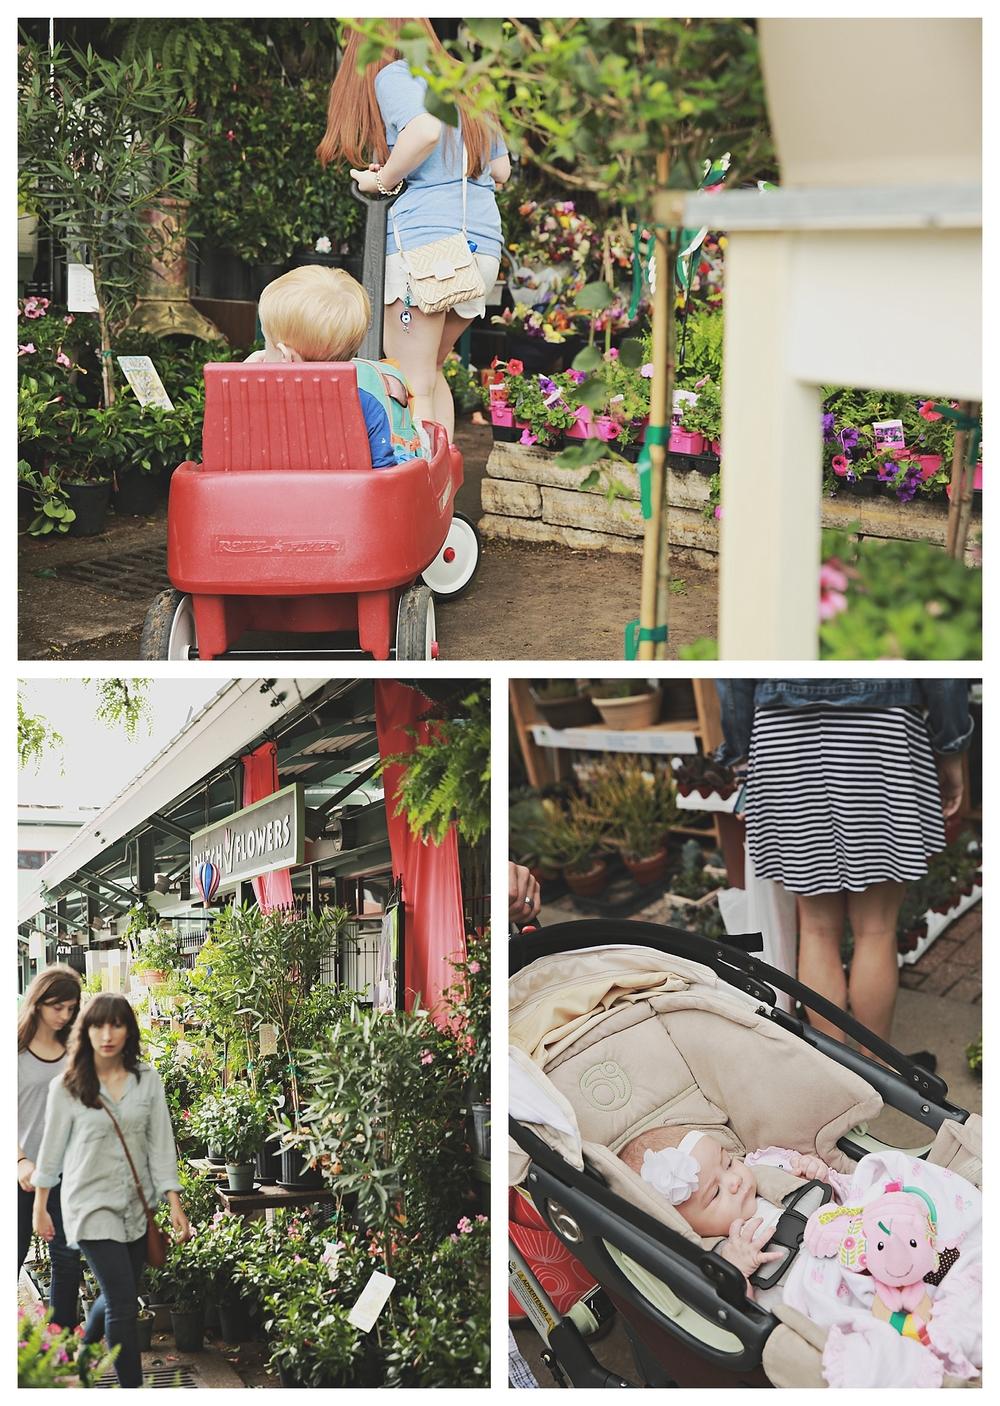 2015-05-13_0018.jpg